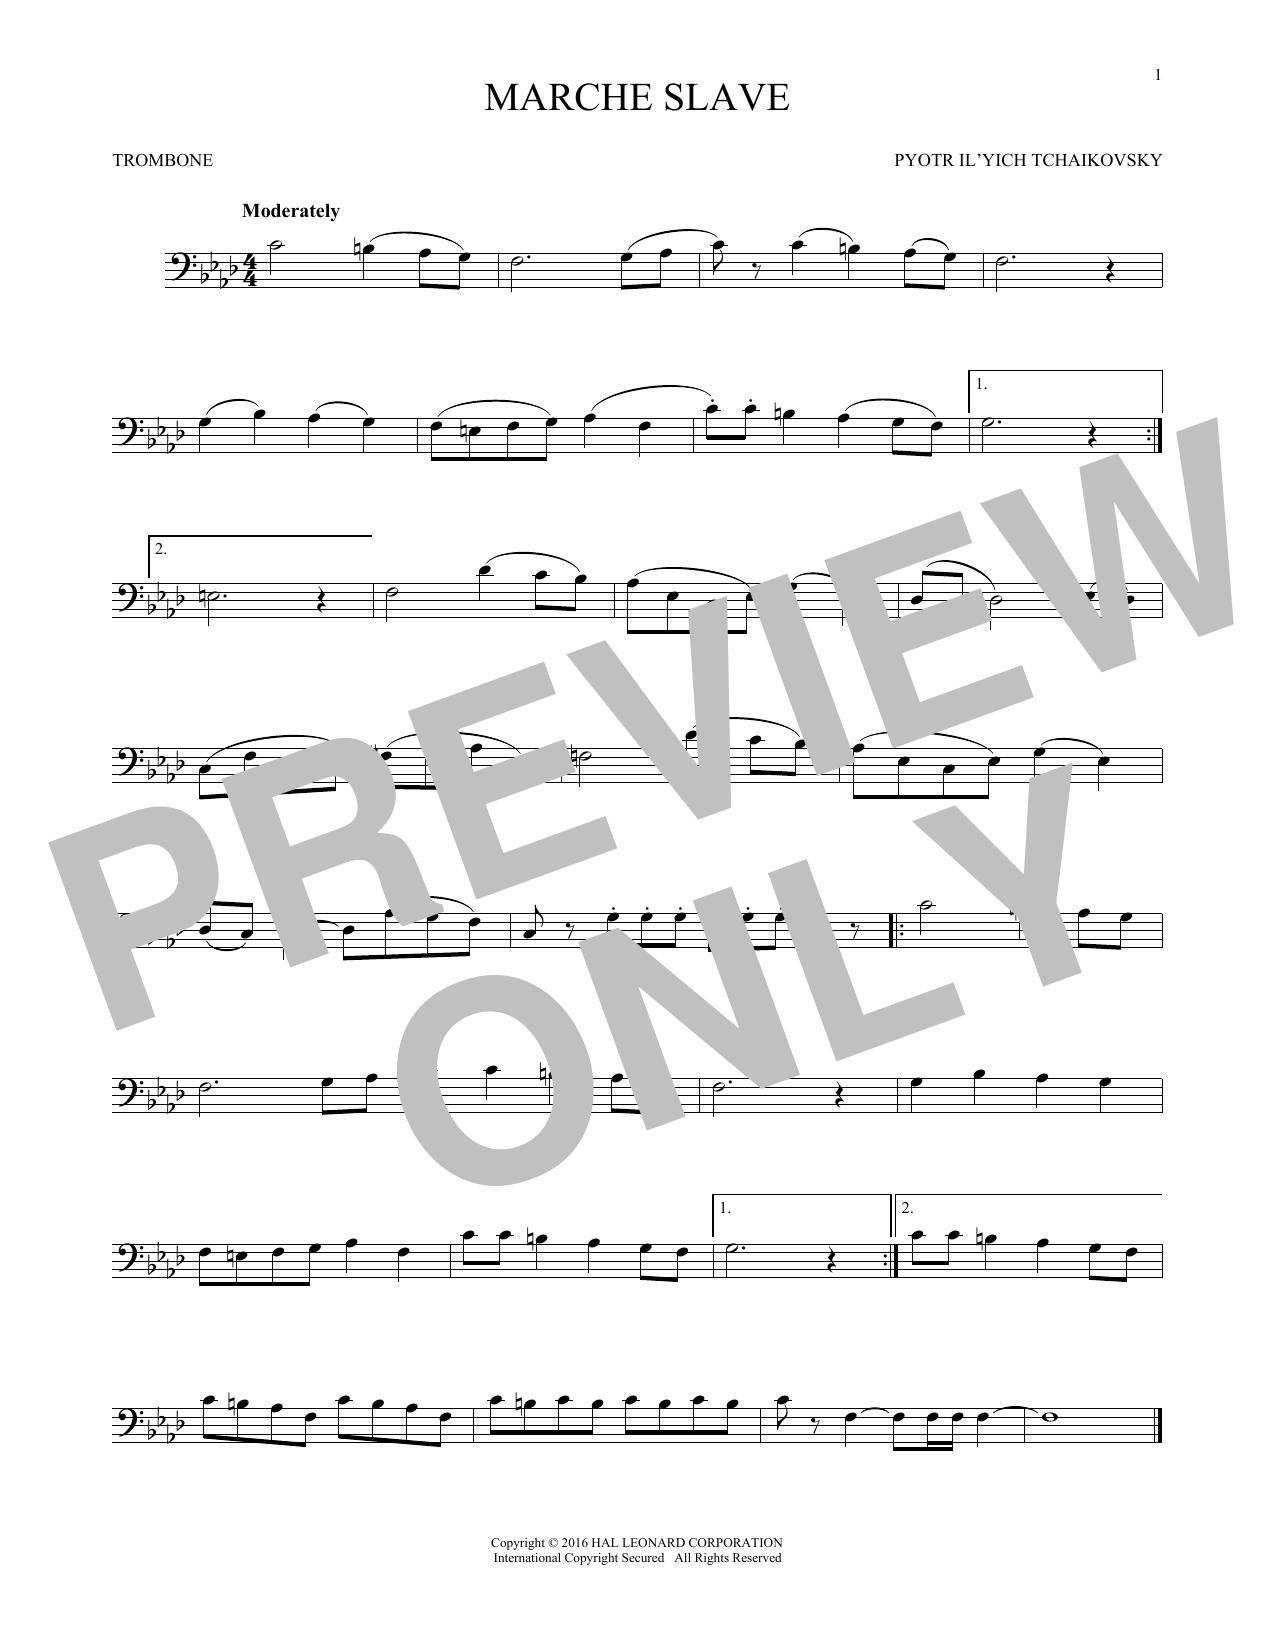 Marche Slav, Op. 31 (Trombone Solo)